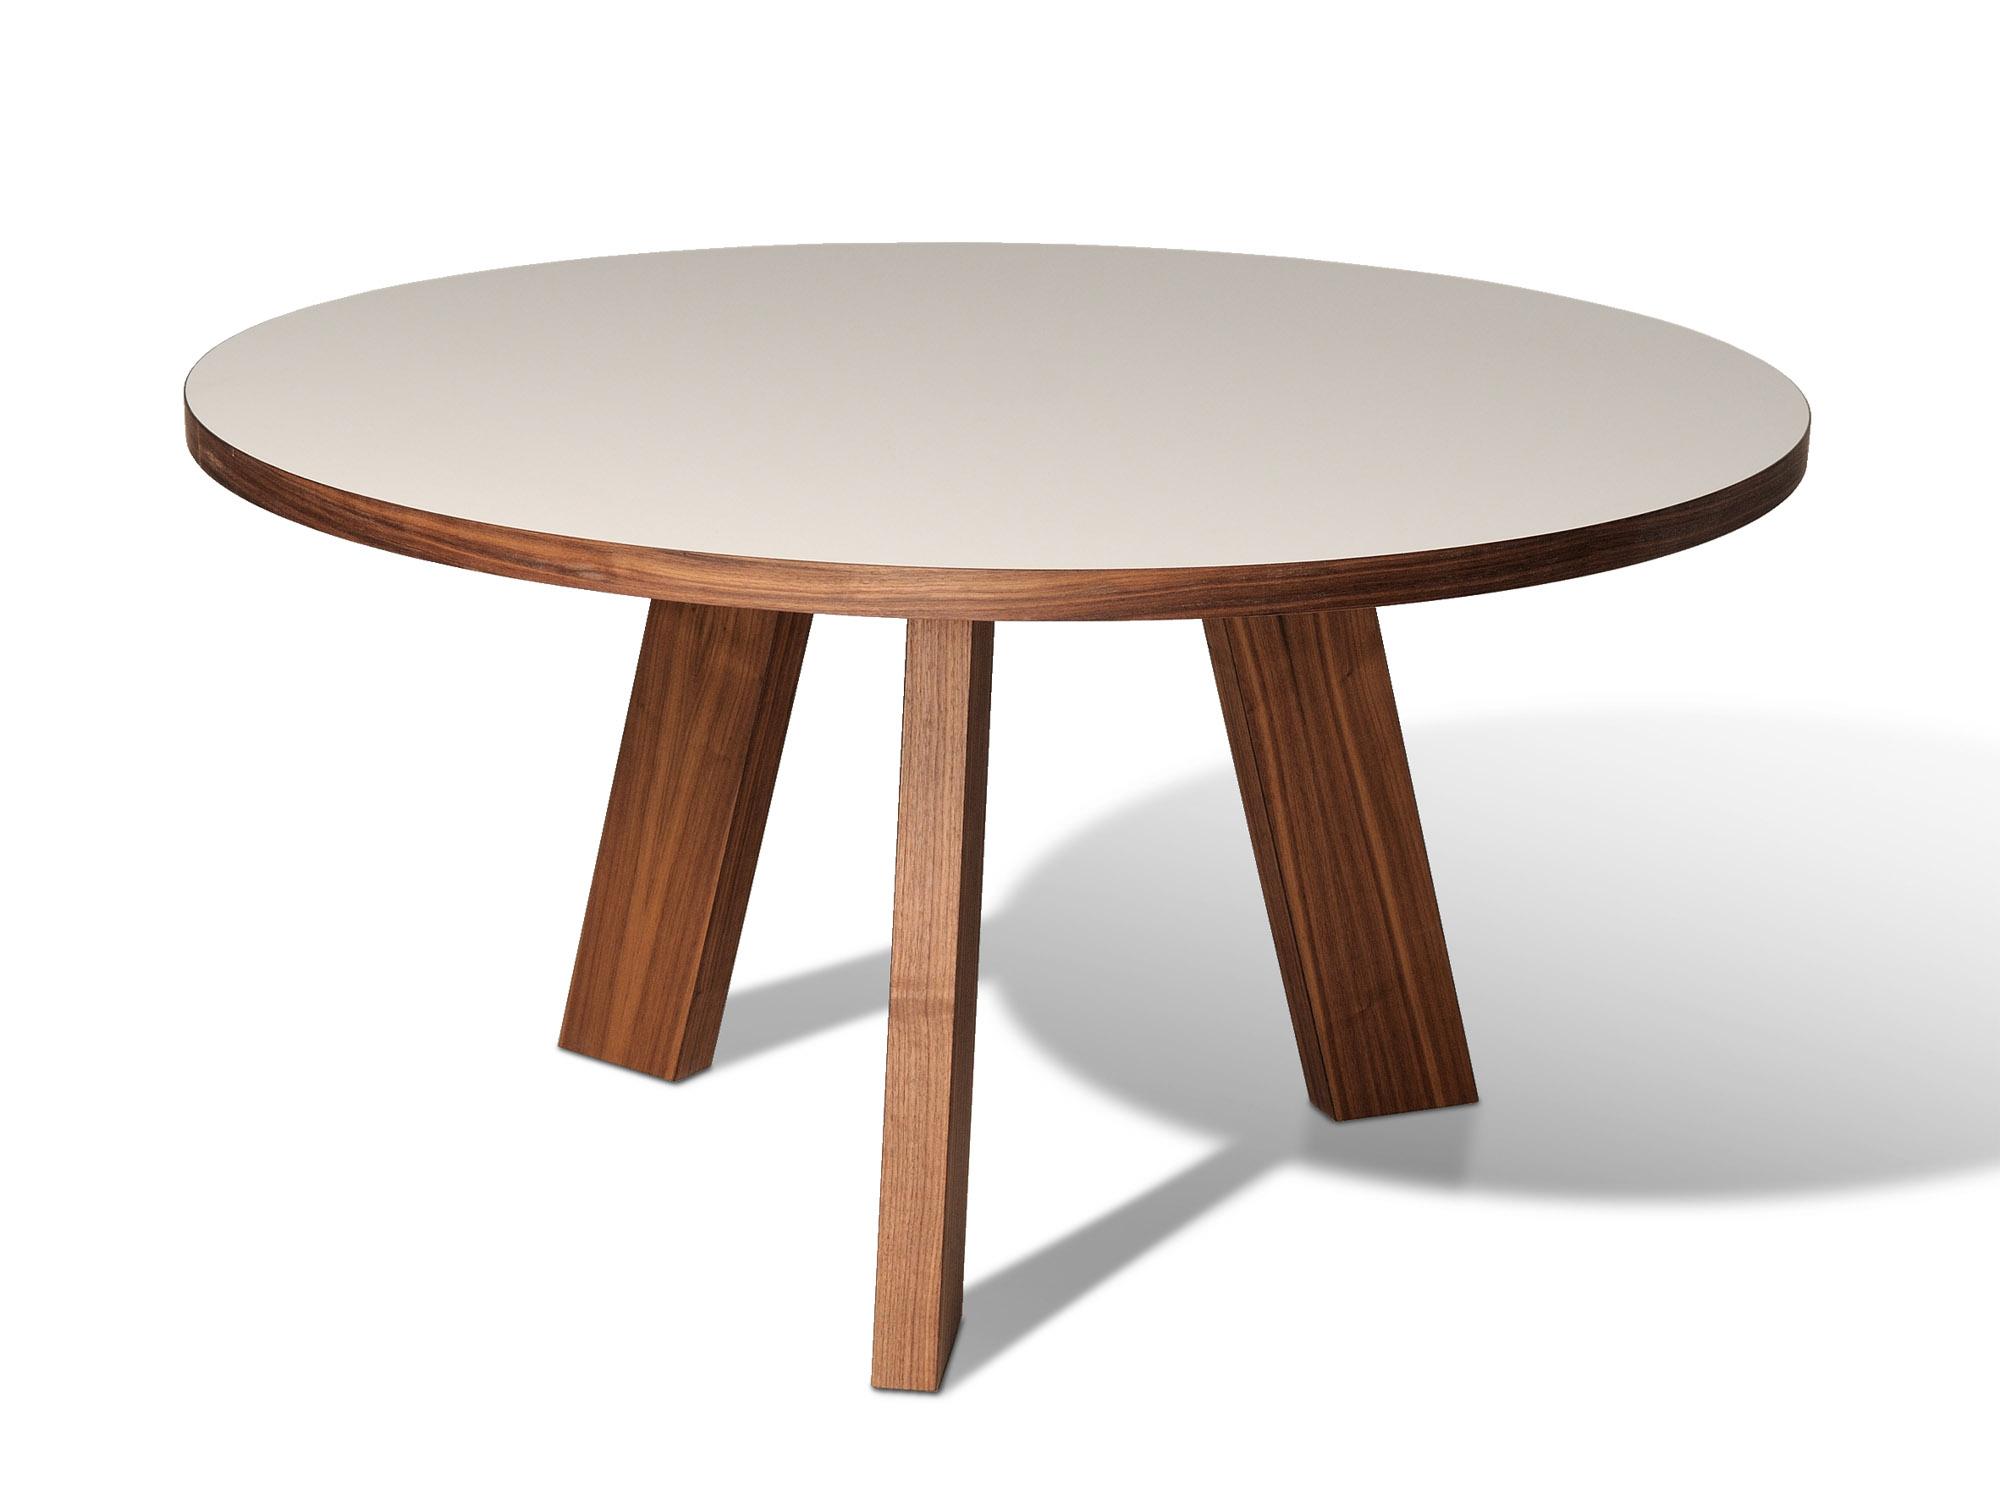 Castelijn tafel - ontwerp door Castelijn Team